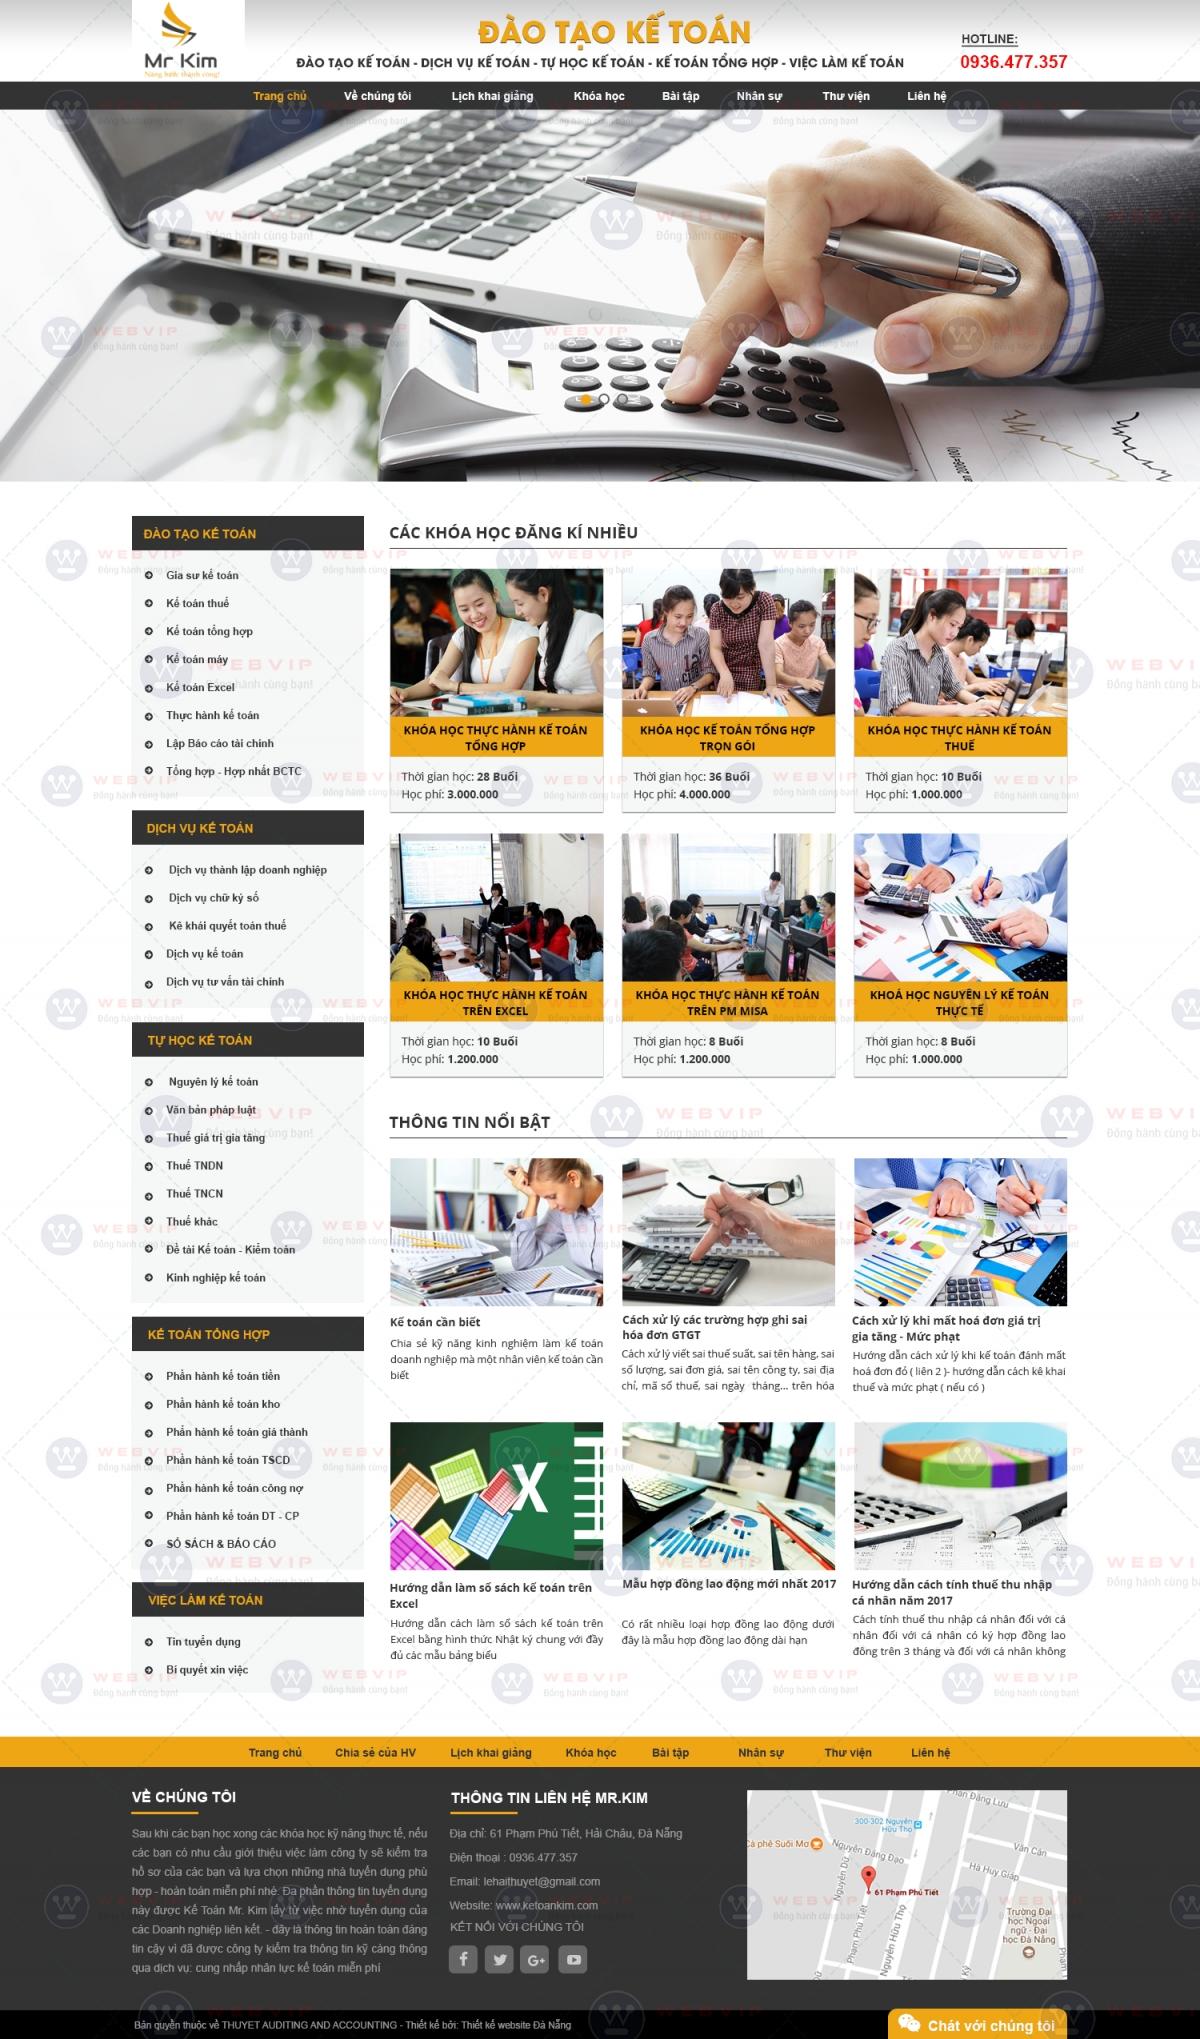 Kết quả hình ảnh cho ảnh mẫu thiết kế web trường học